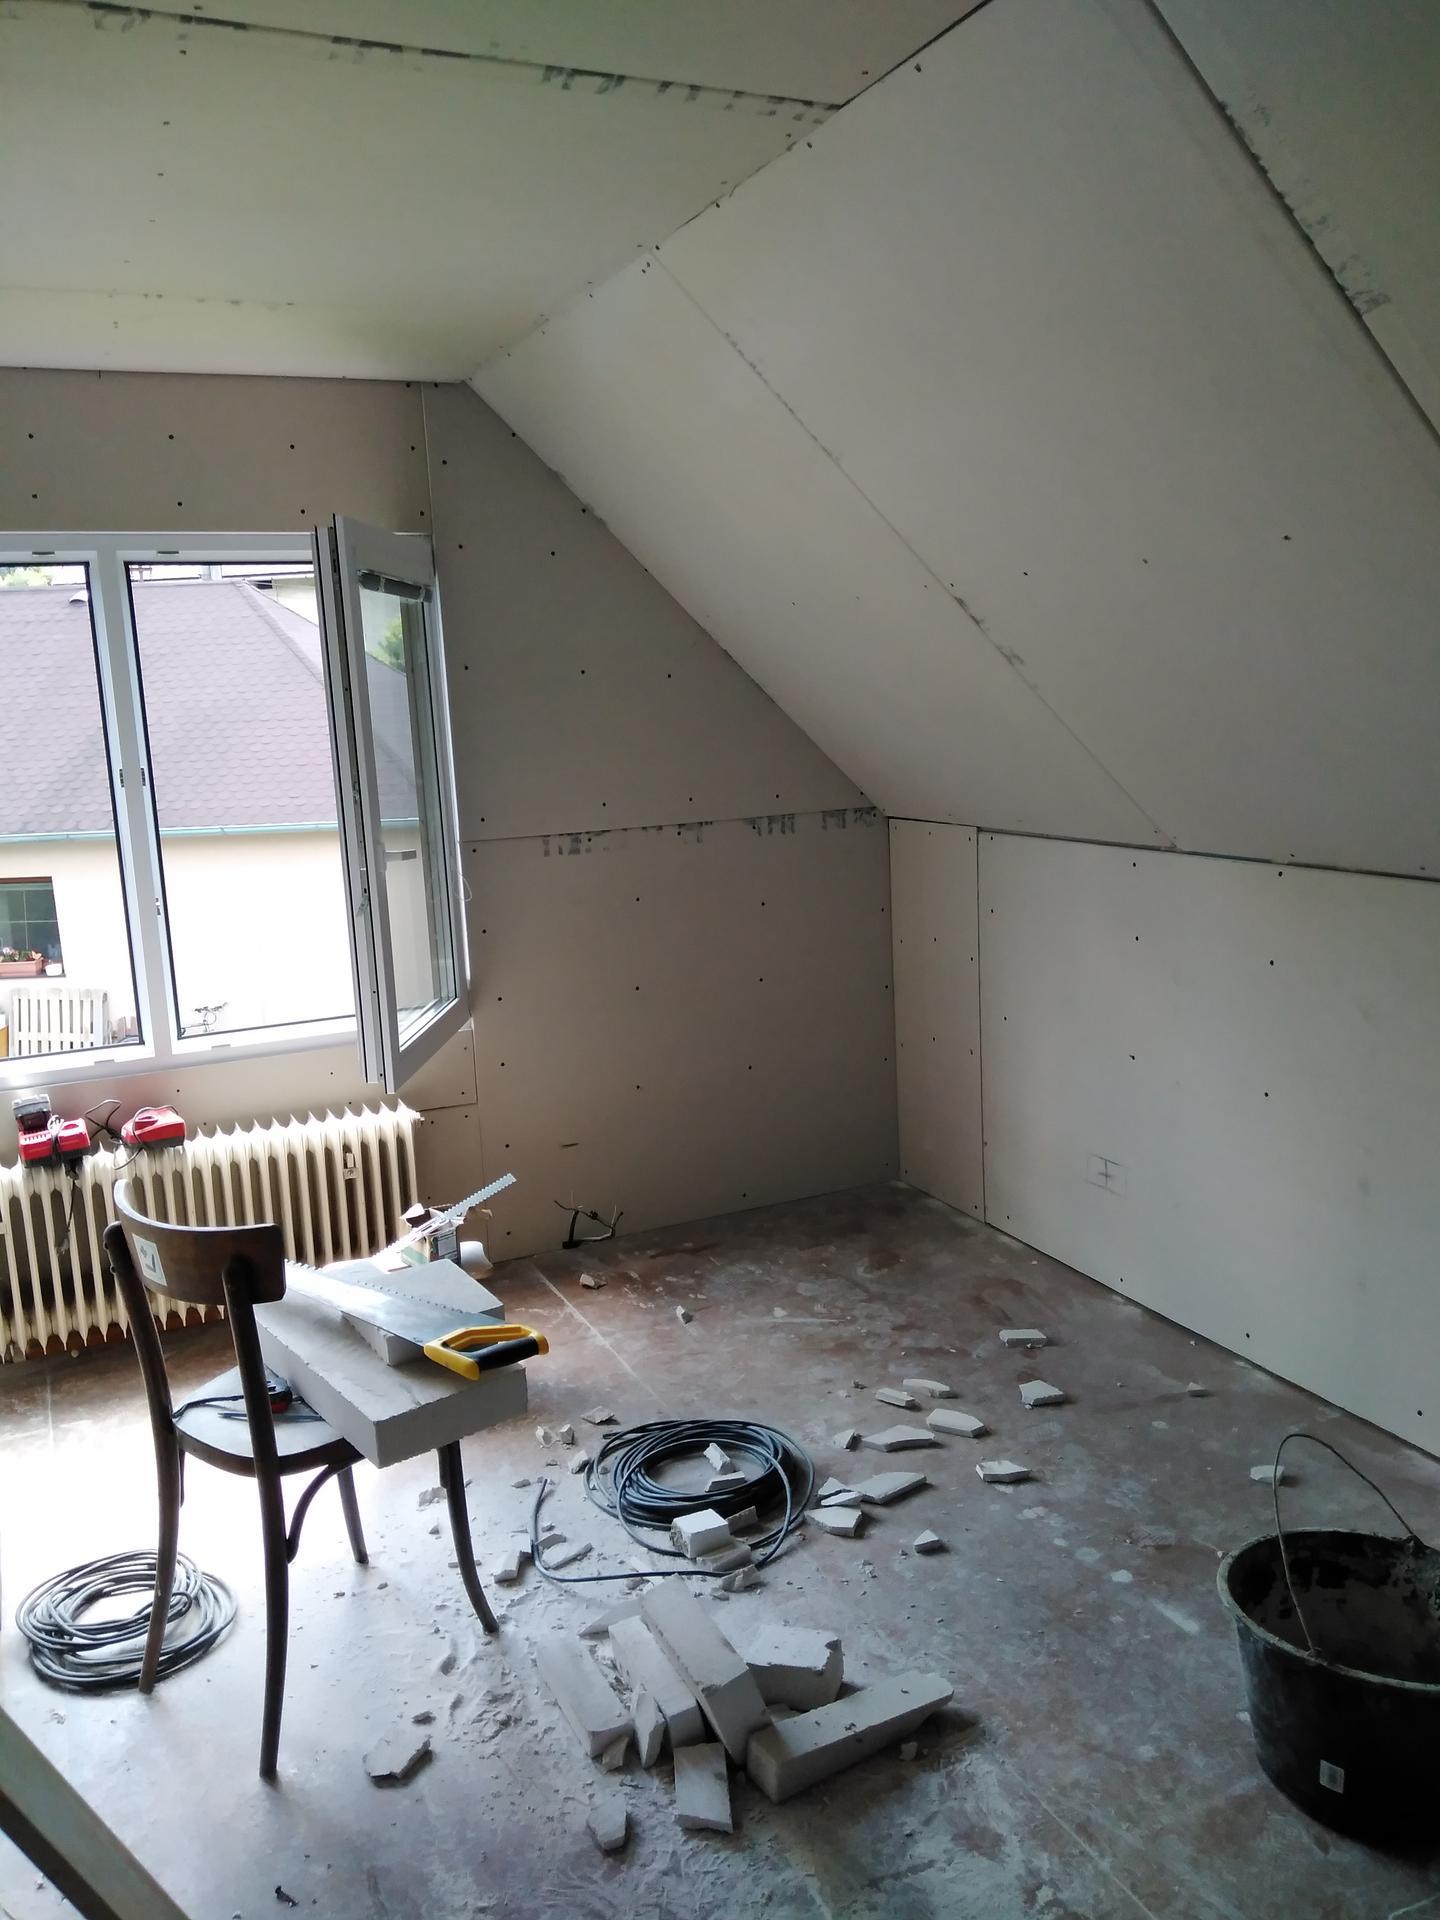 Rekonstrukce starouše - Naše budoucí ložnice